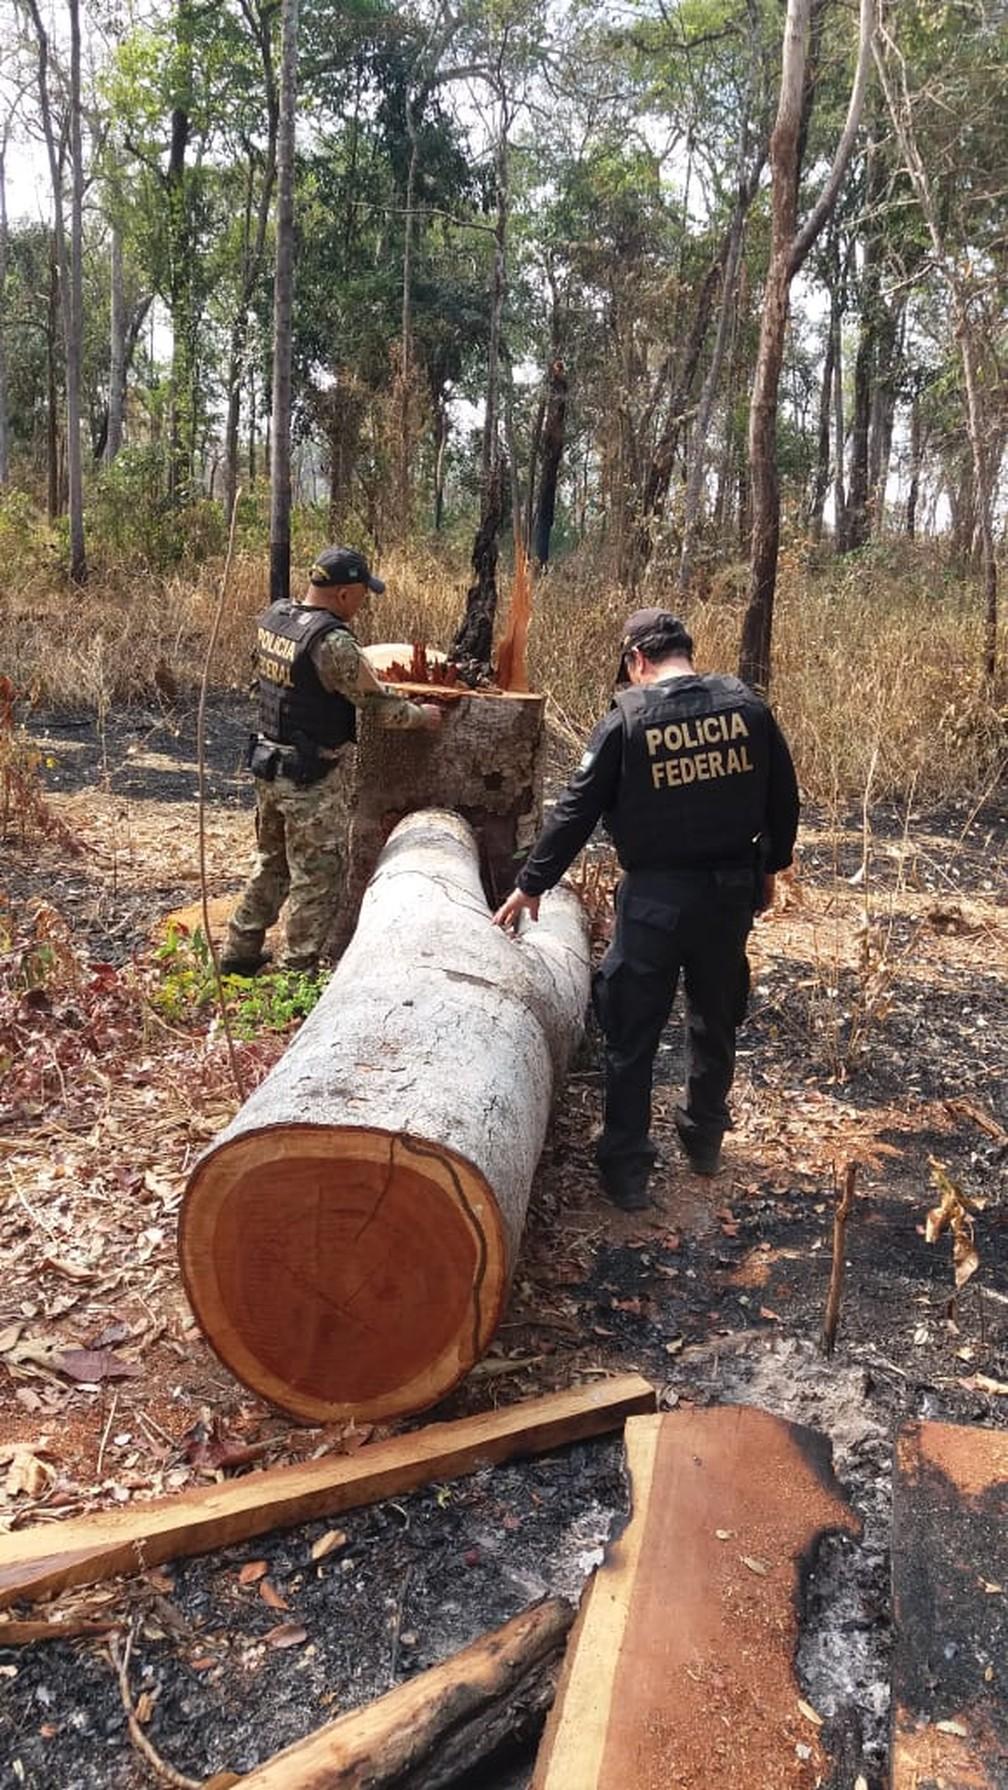 Árvores tinham sido derrubadas recentemente — Foto: PF/ Divulgação